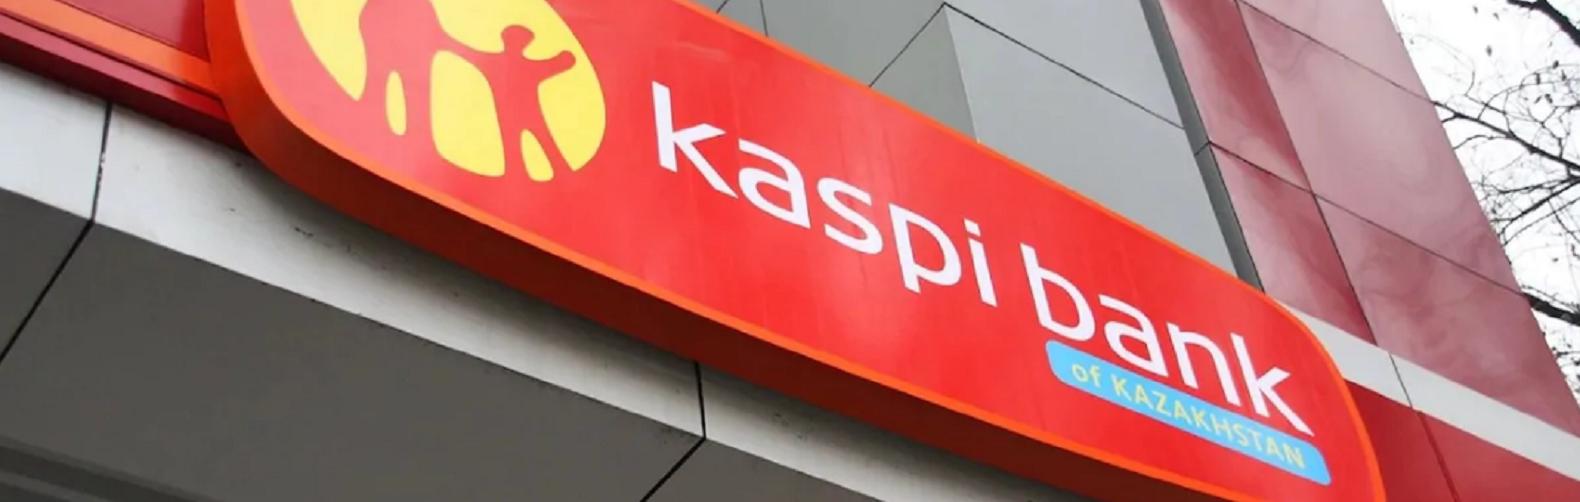 Пылесос дайсон сайт kaspi kz woot dyson tower fan